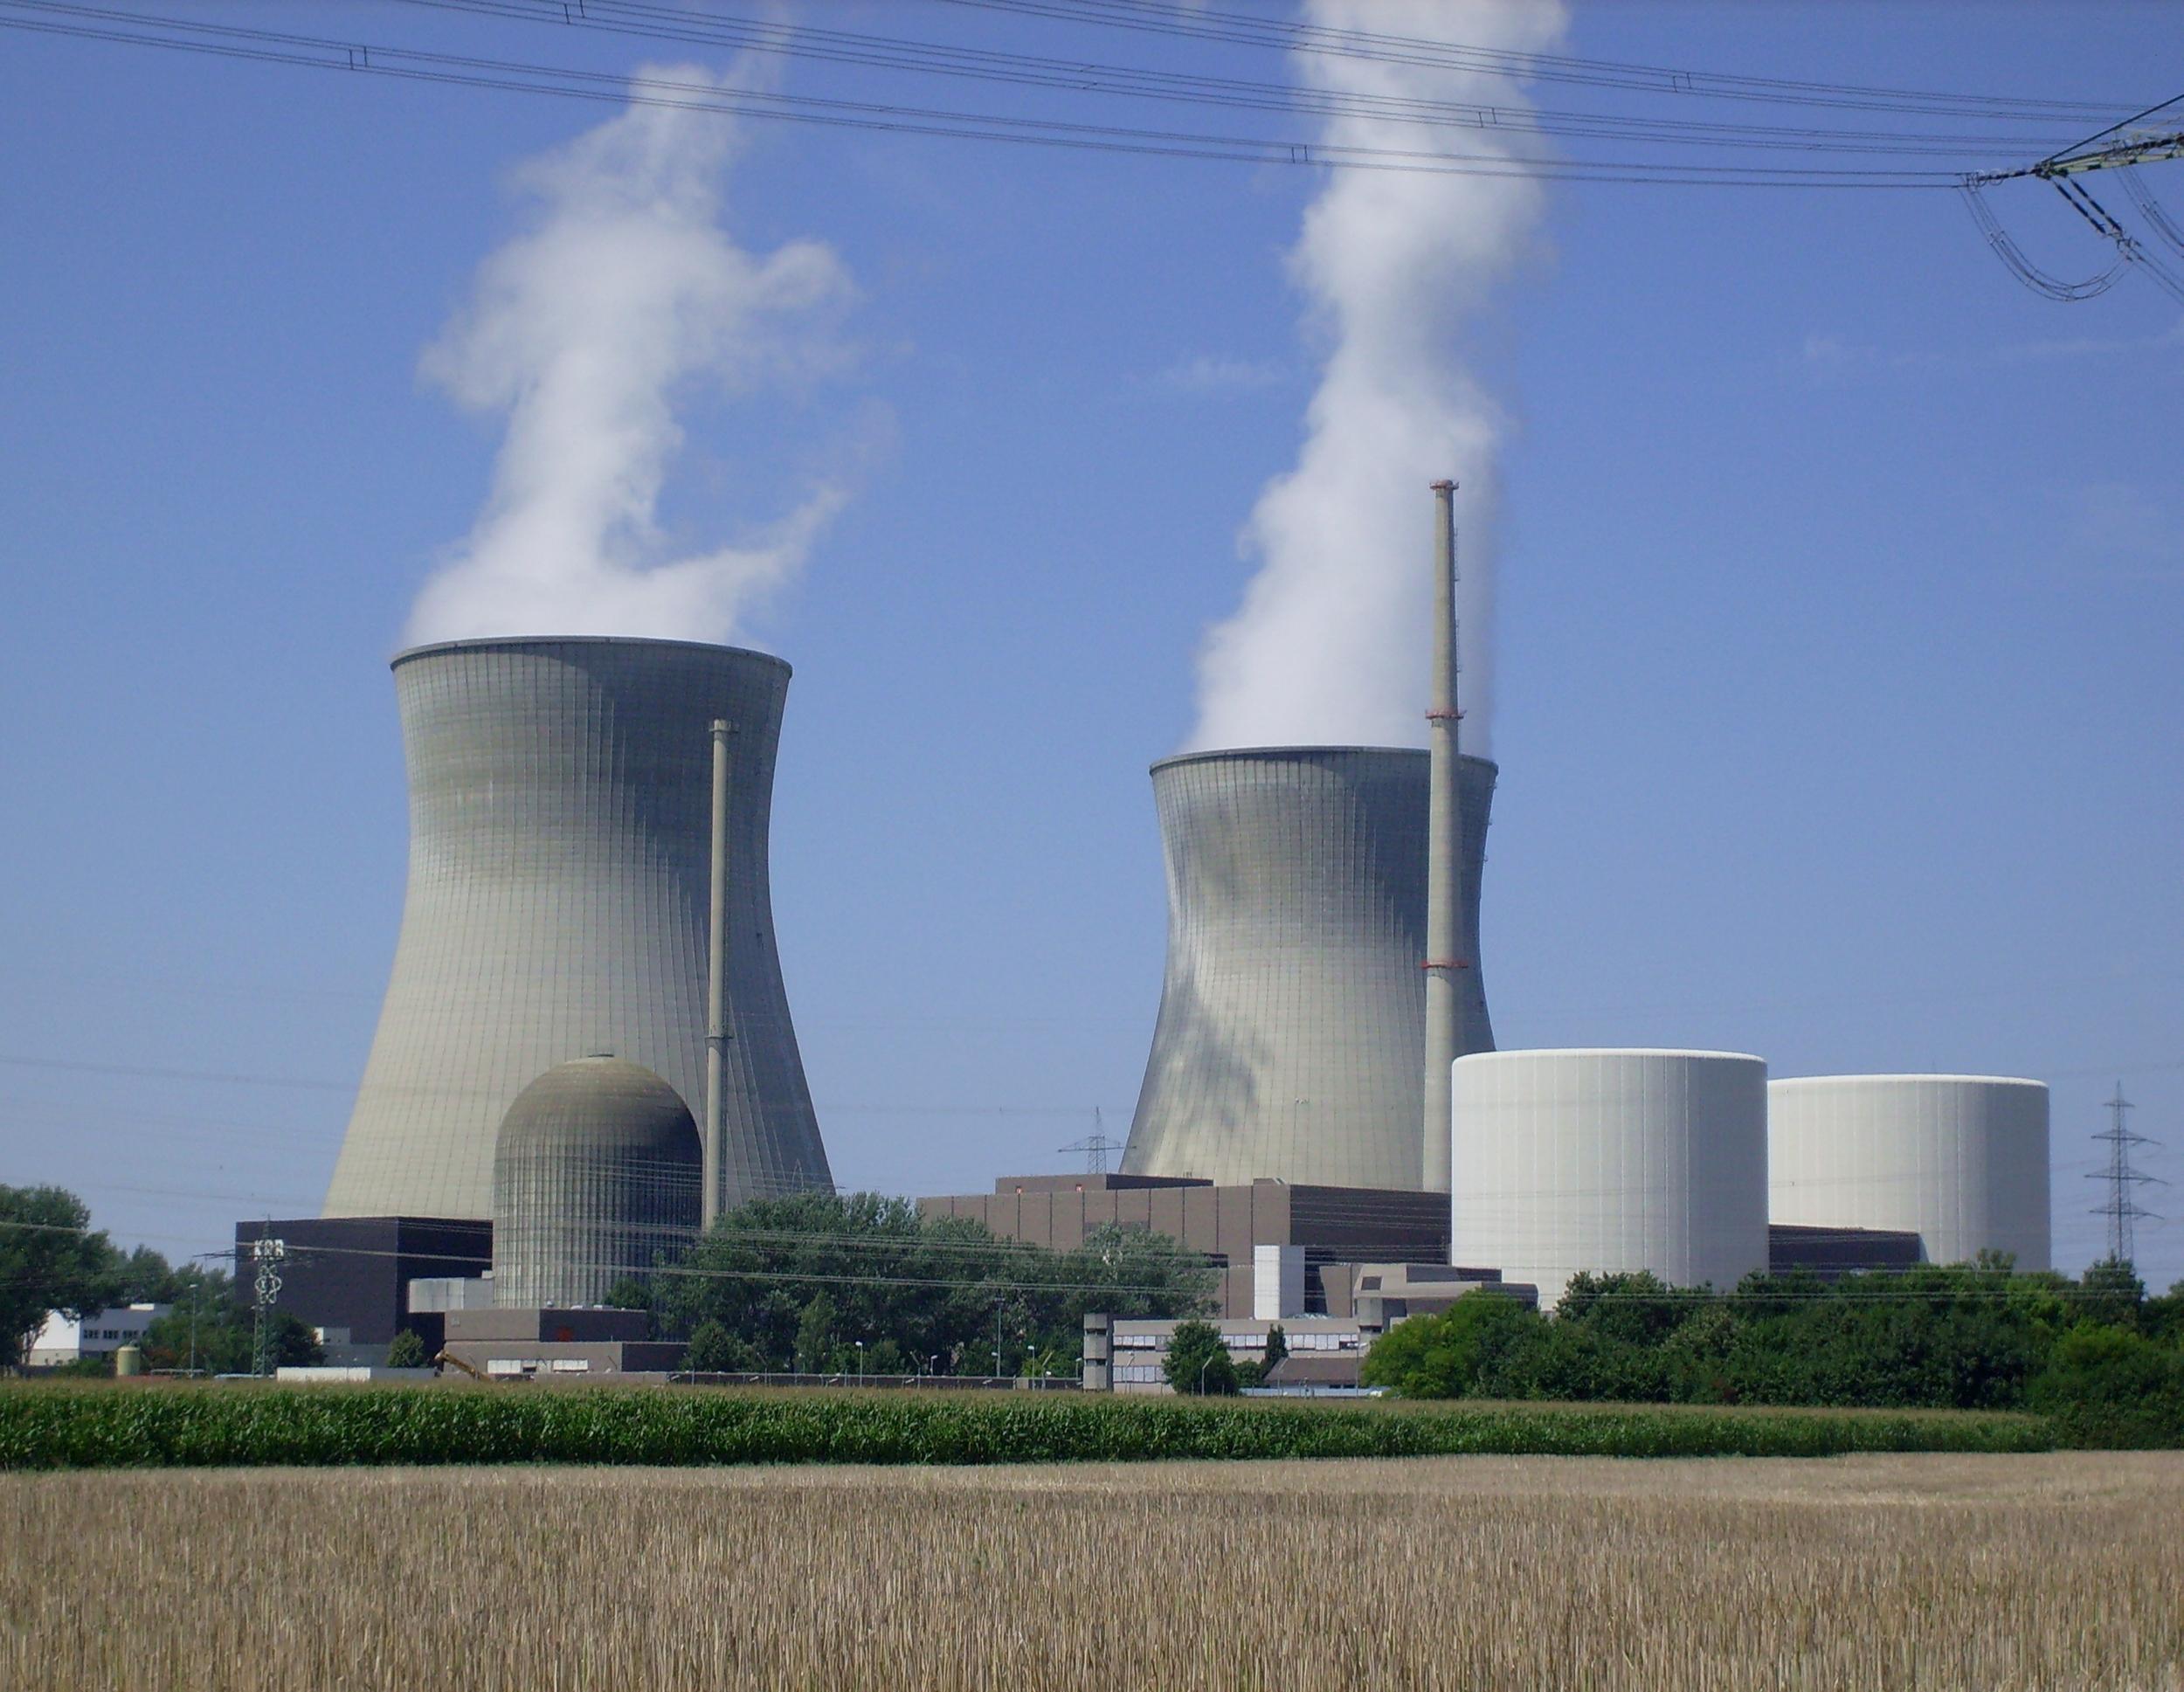 nuclearpower.jpg